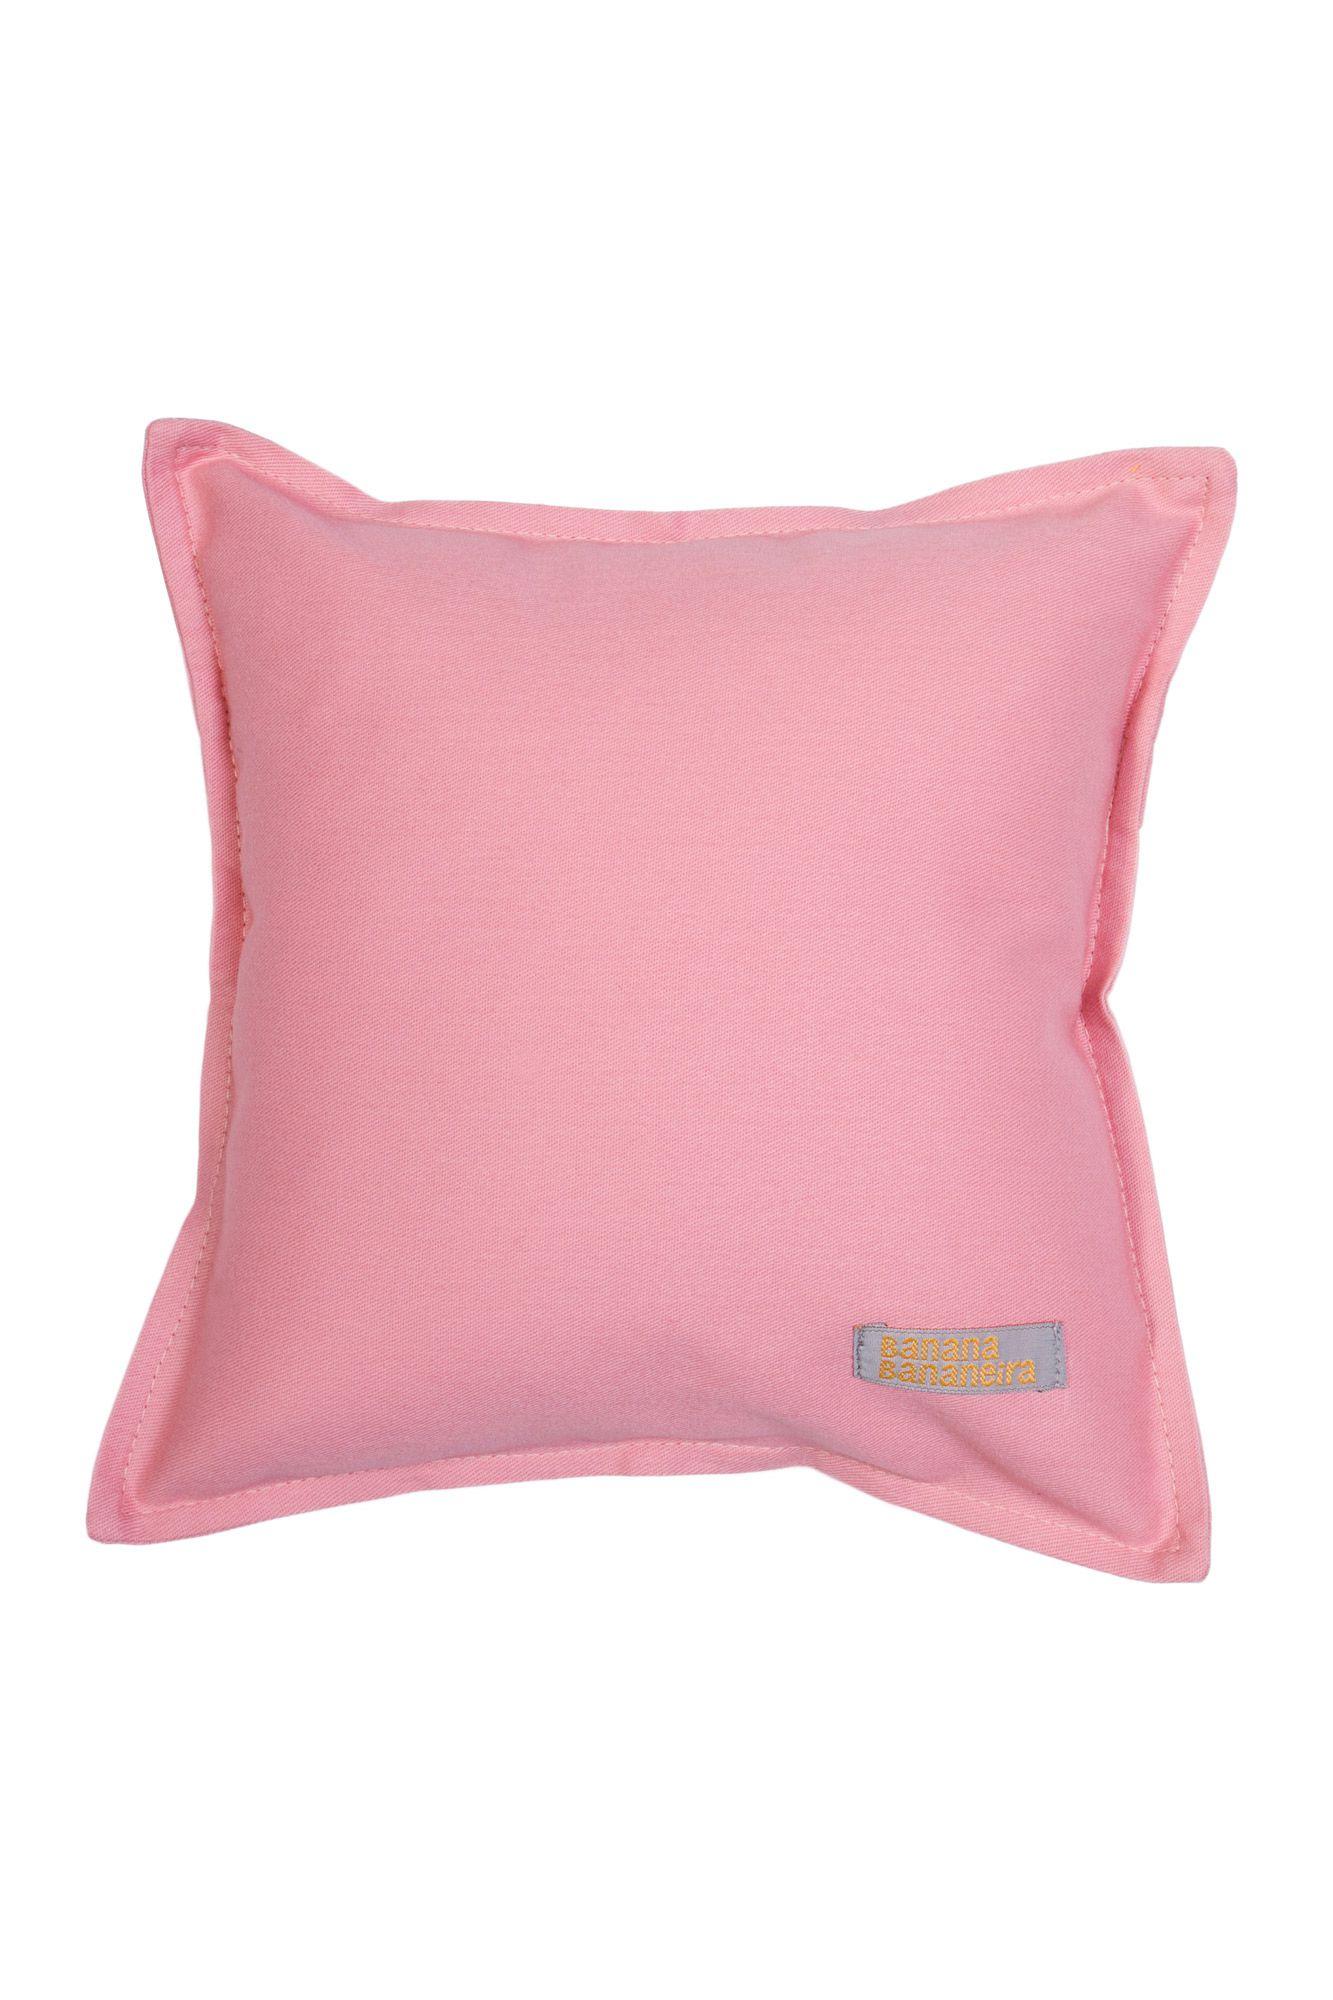 Almofada em pesponto 25 cm x 25 cm rosa